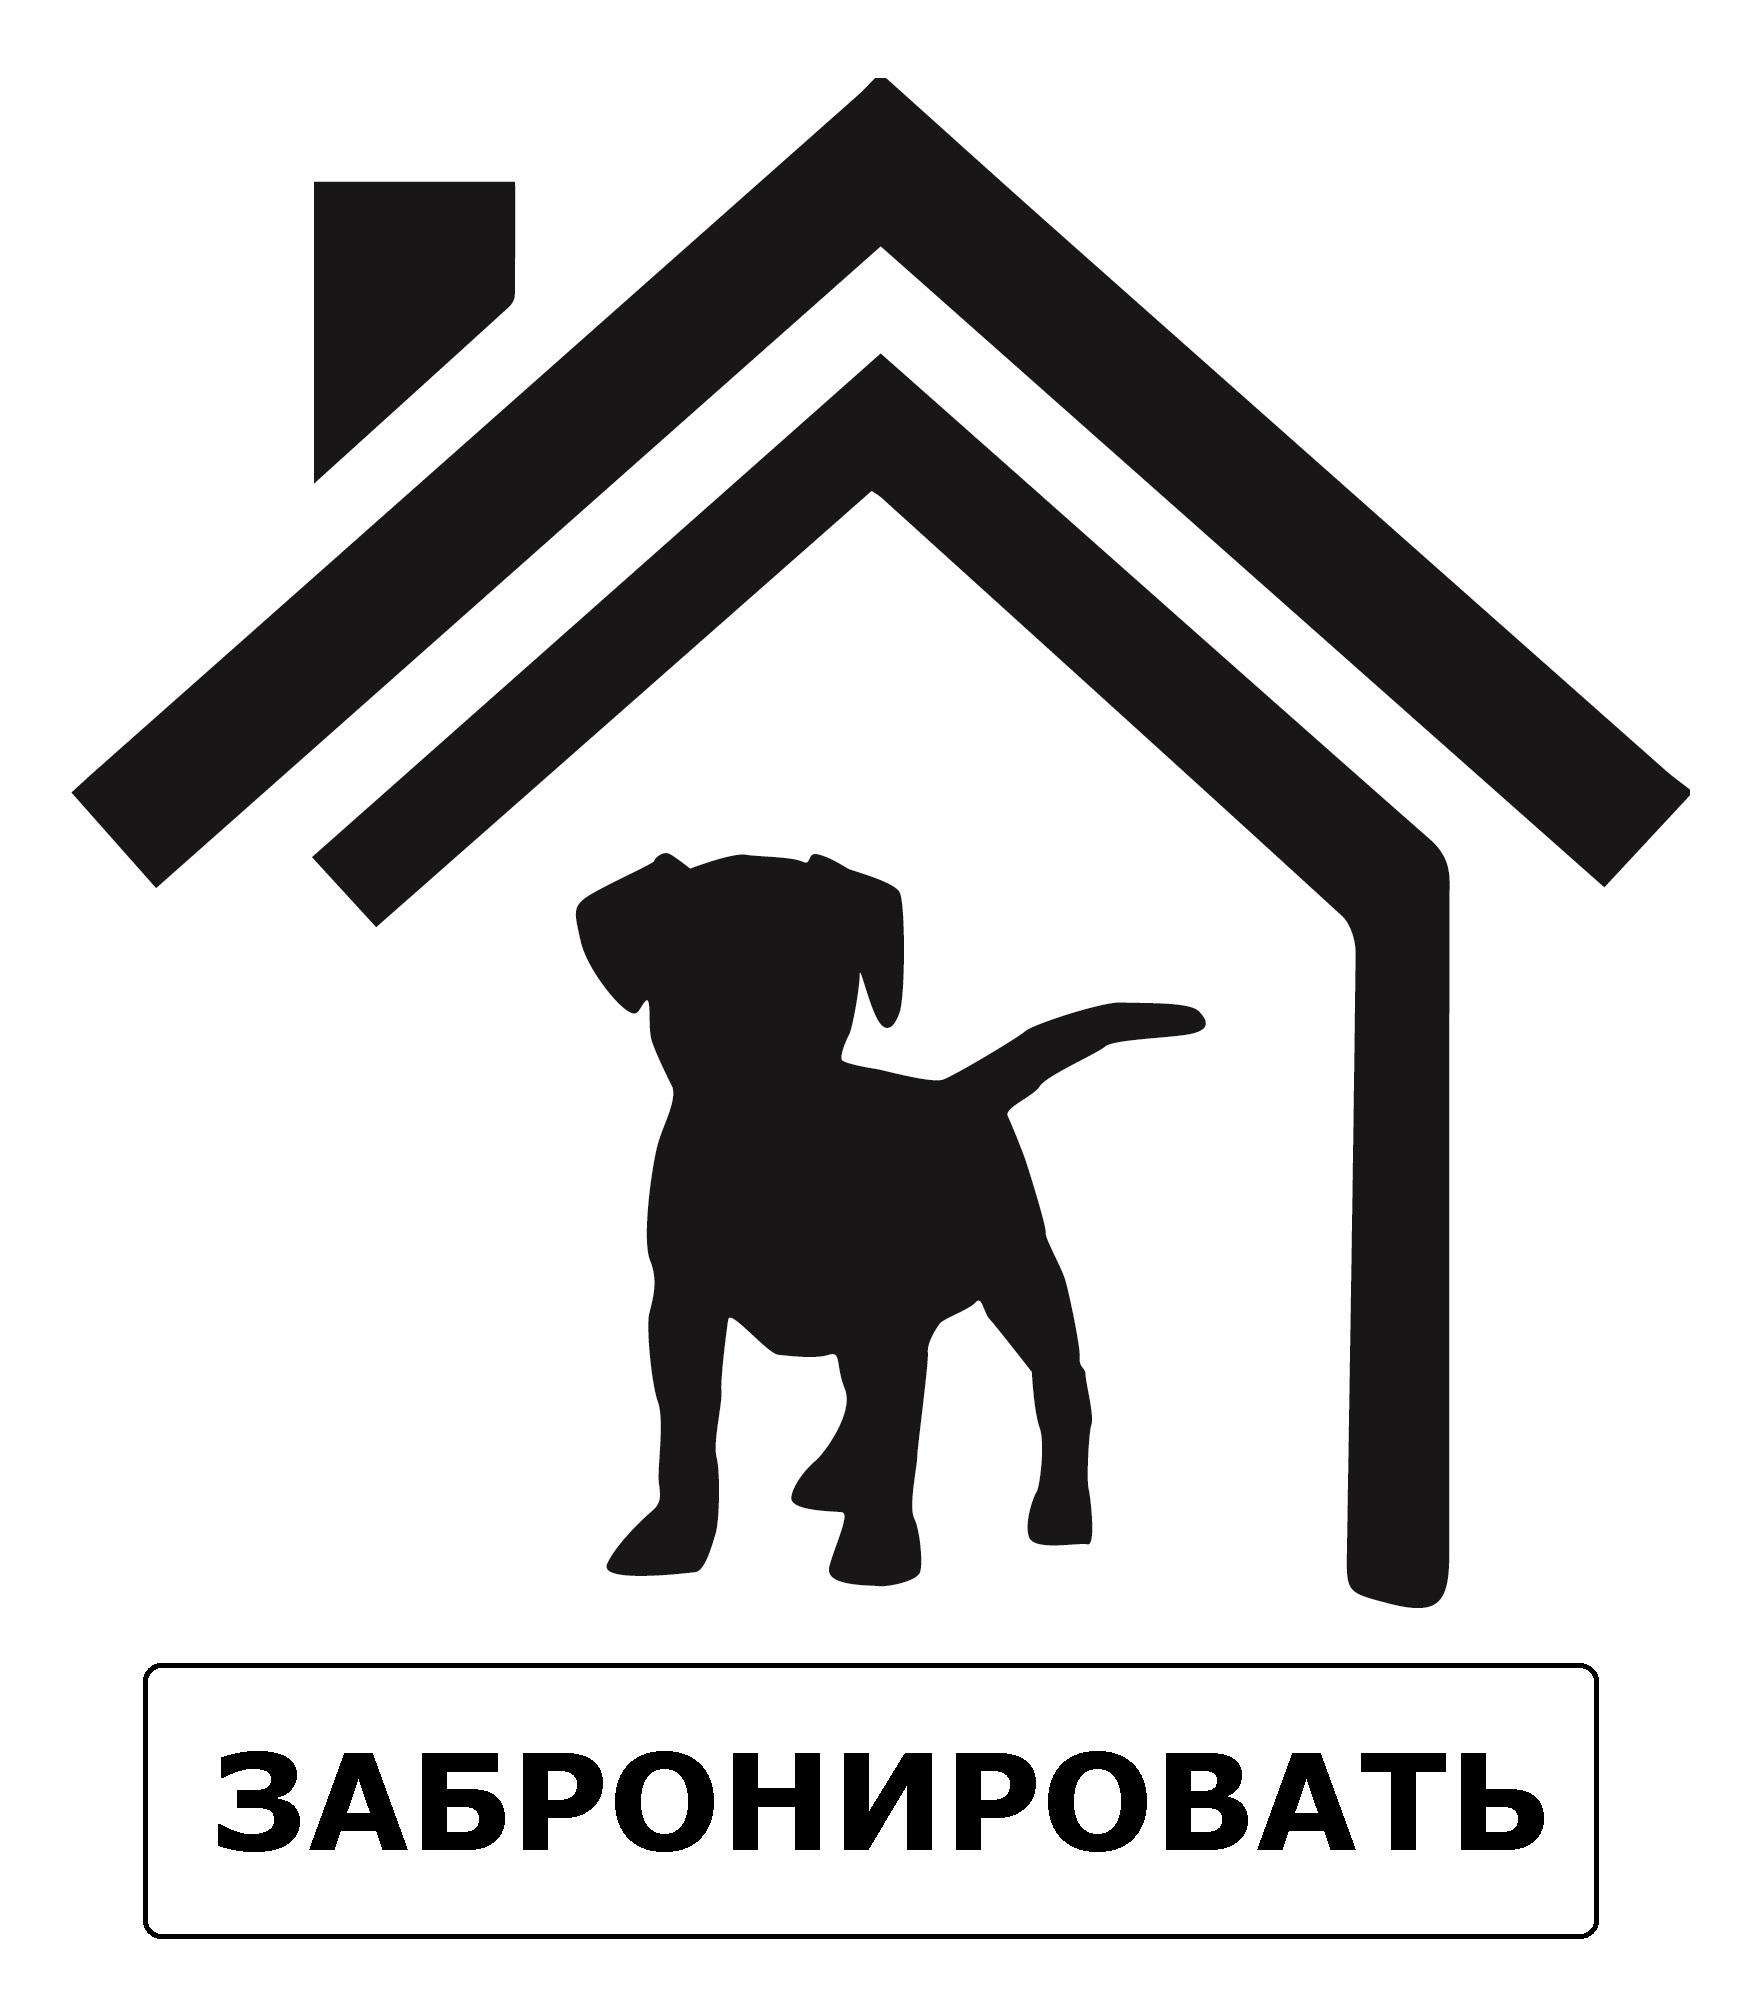 Передержка собаки в Уфе